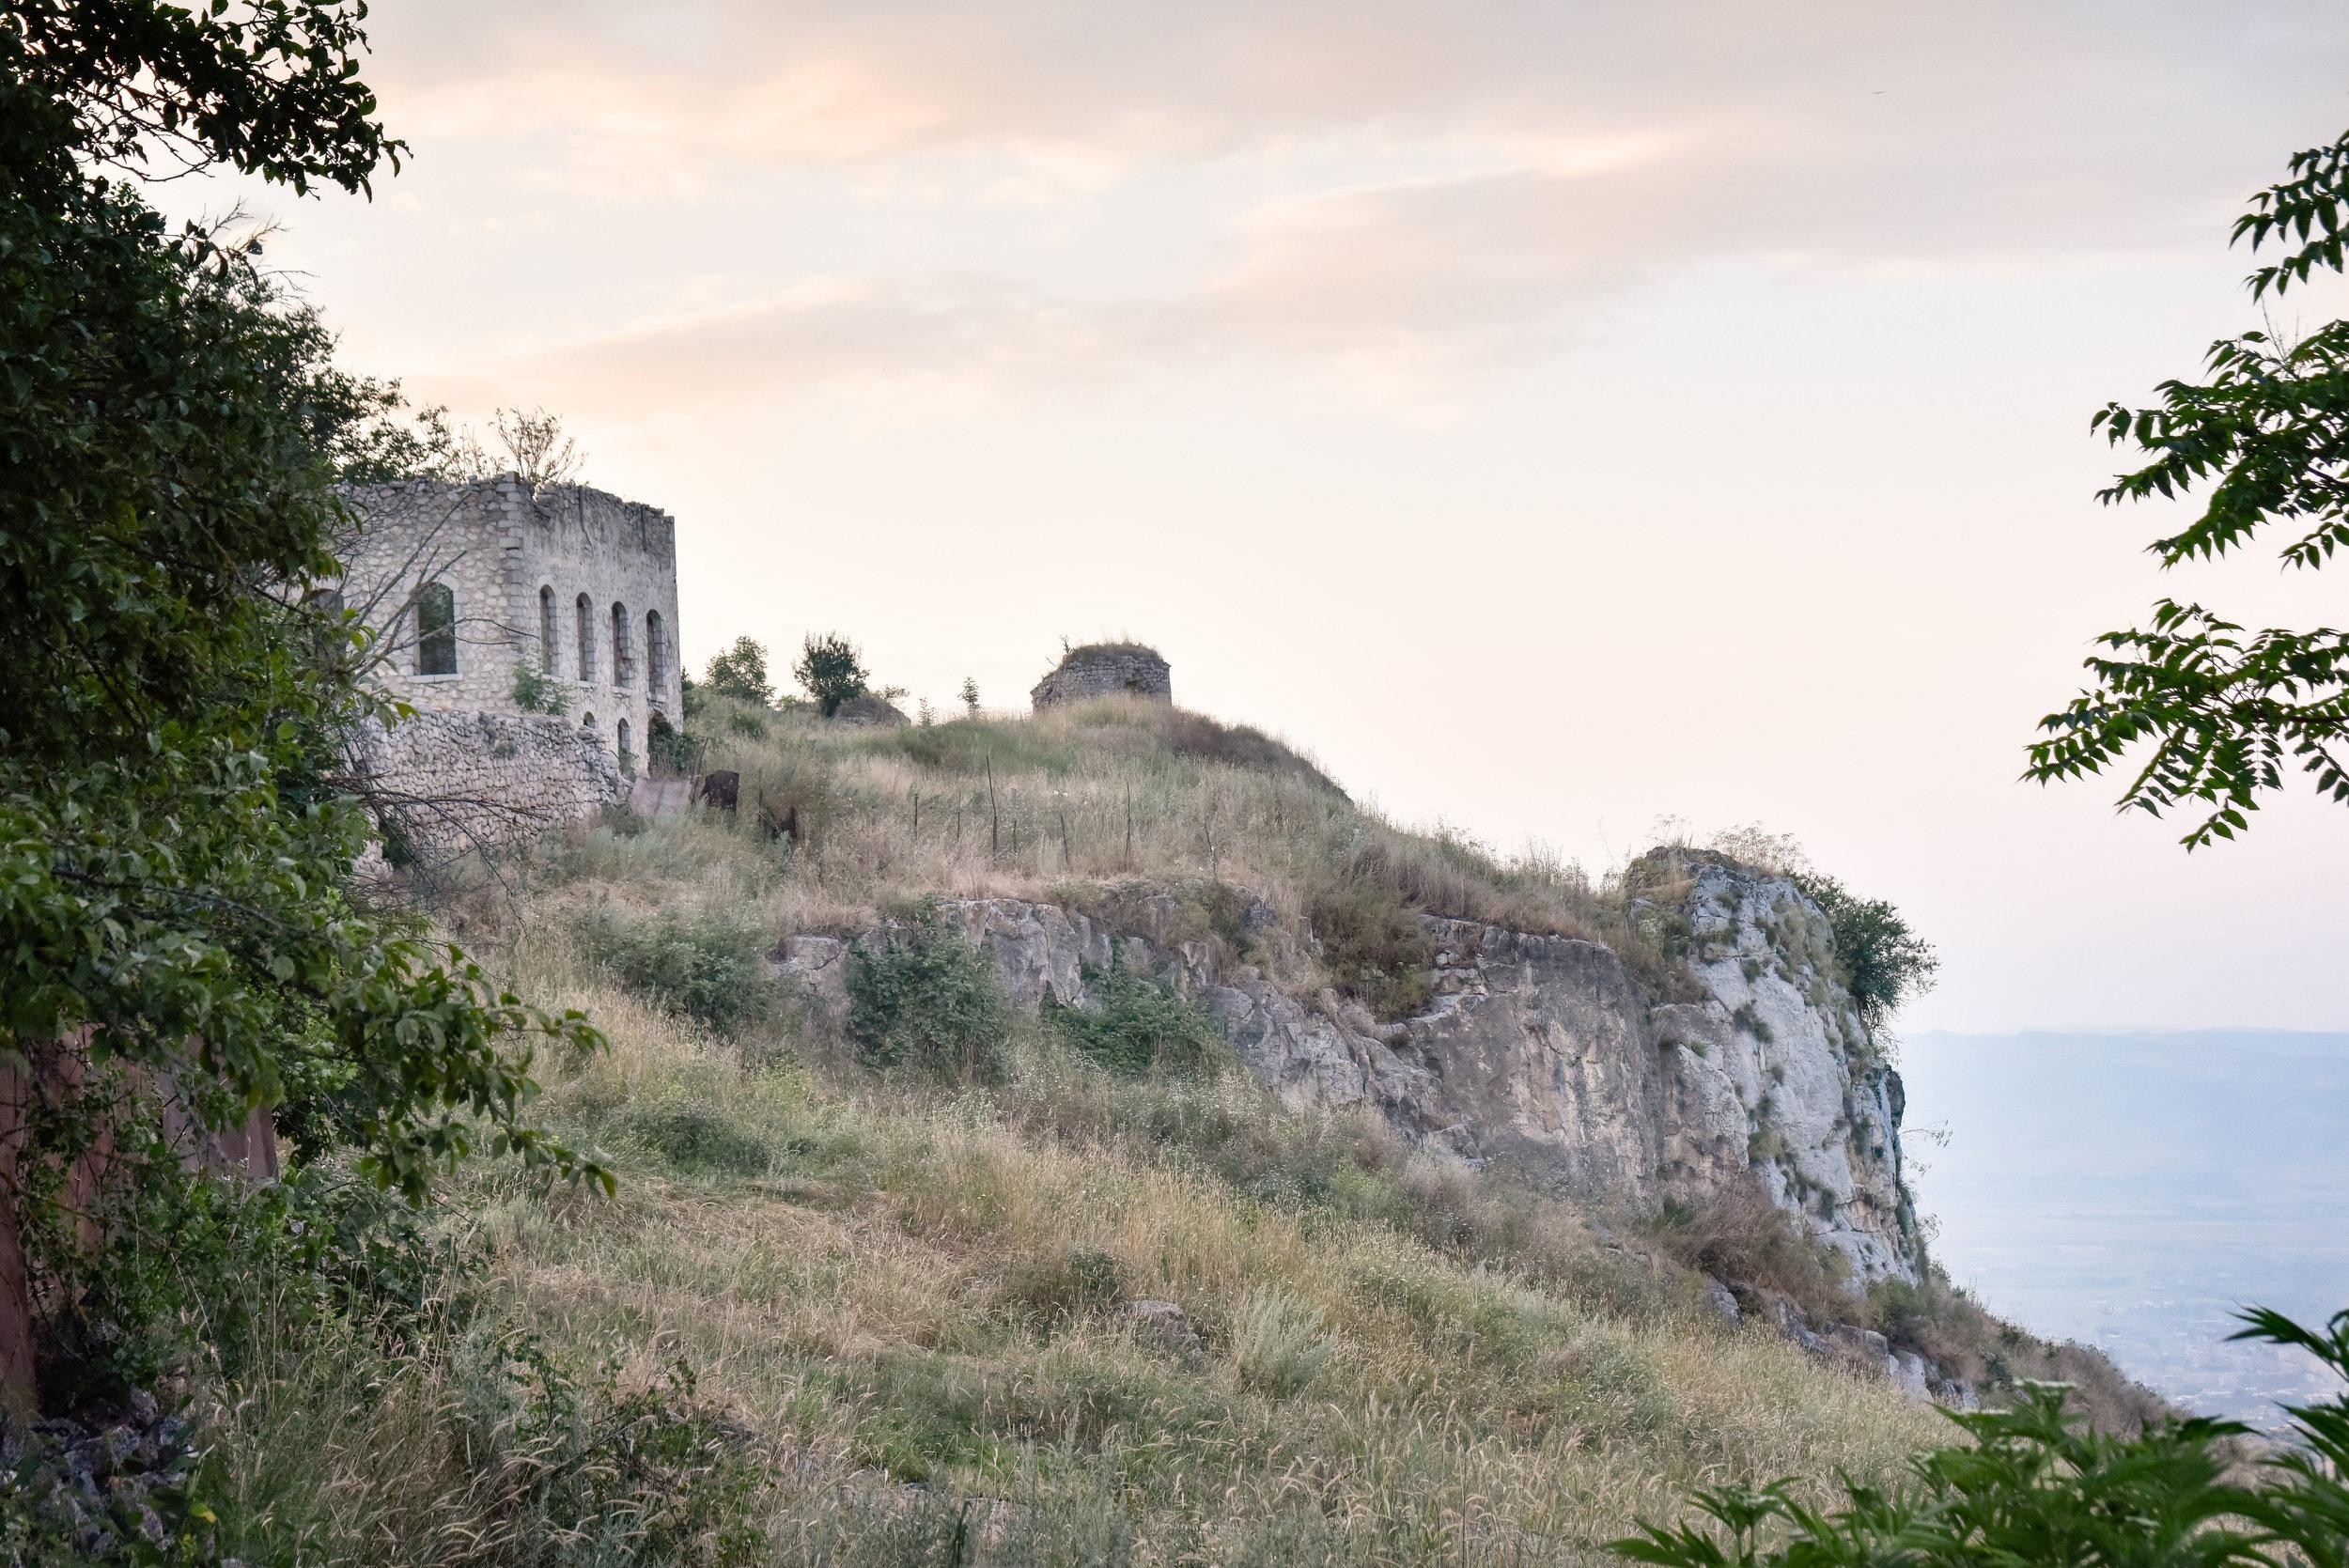 Sunset on Shushi fortress